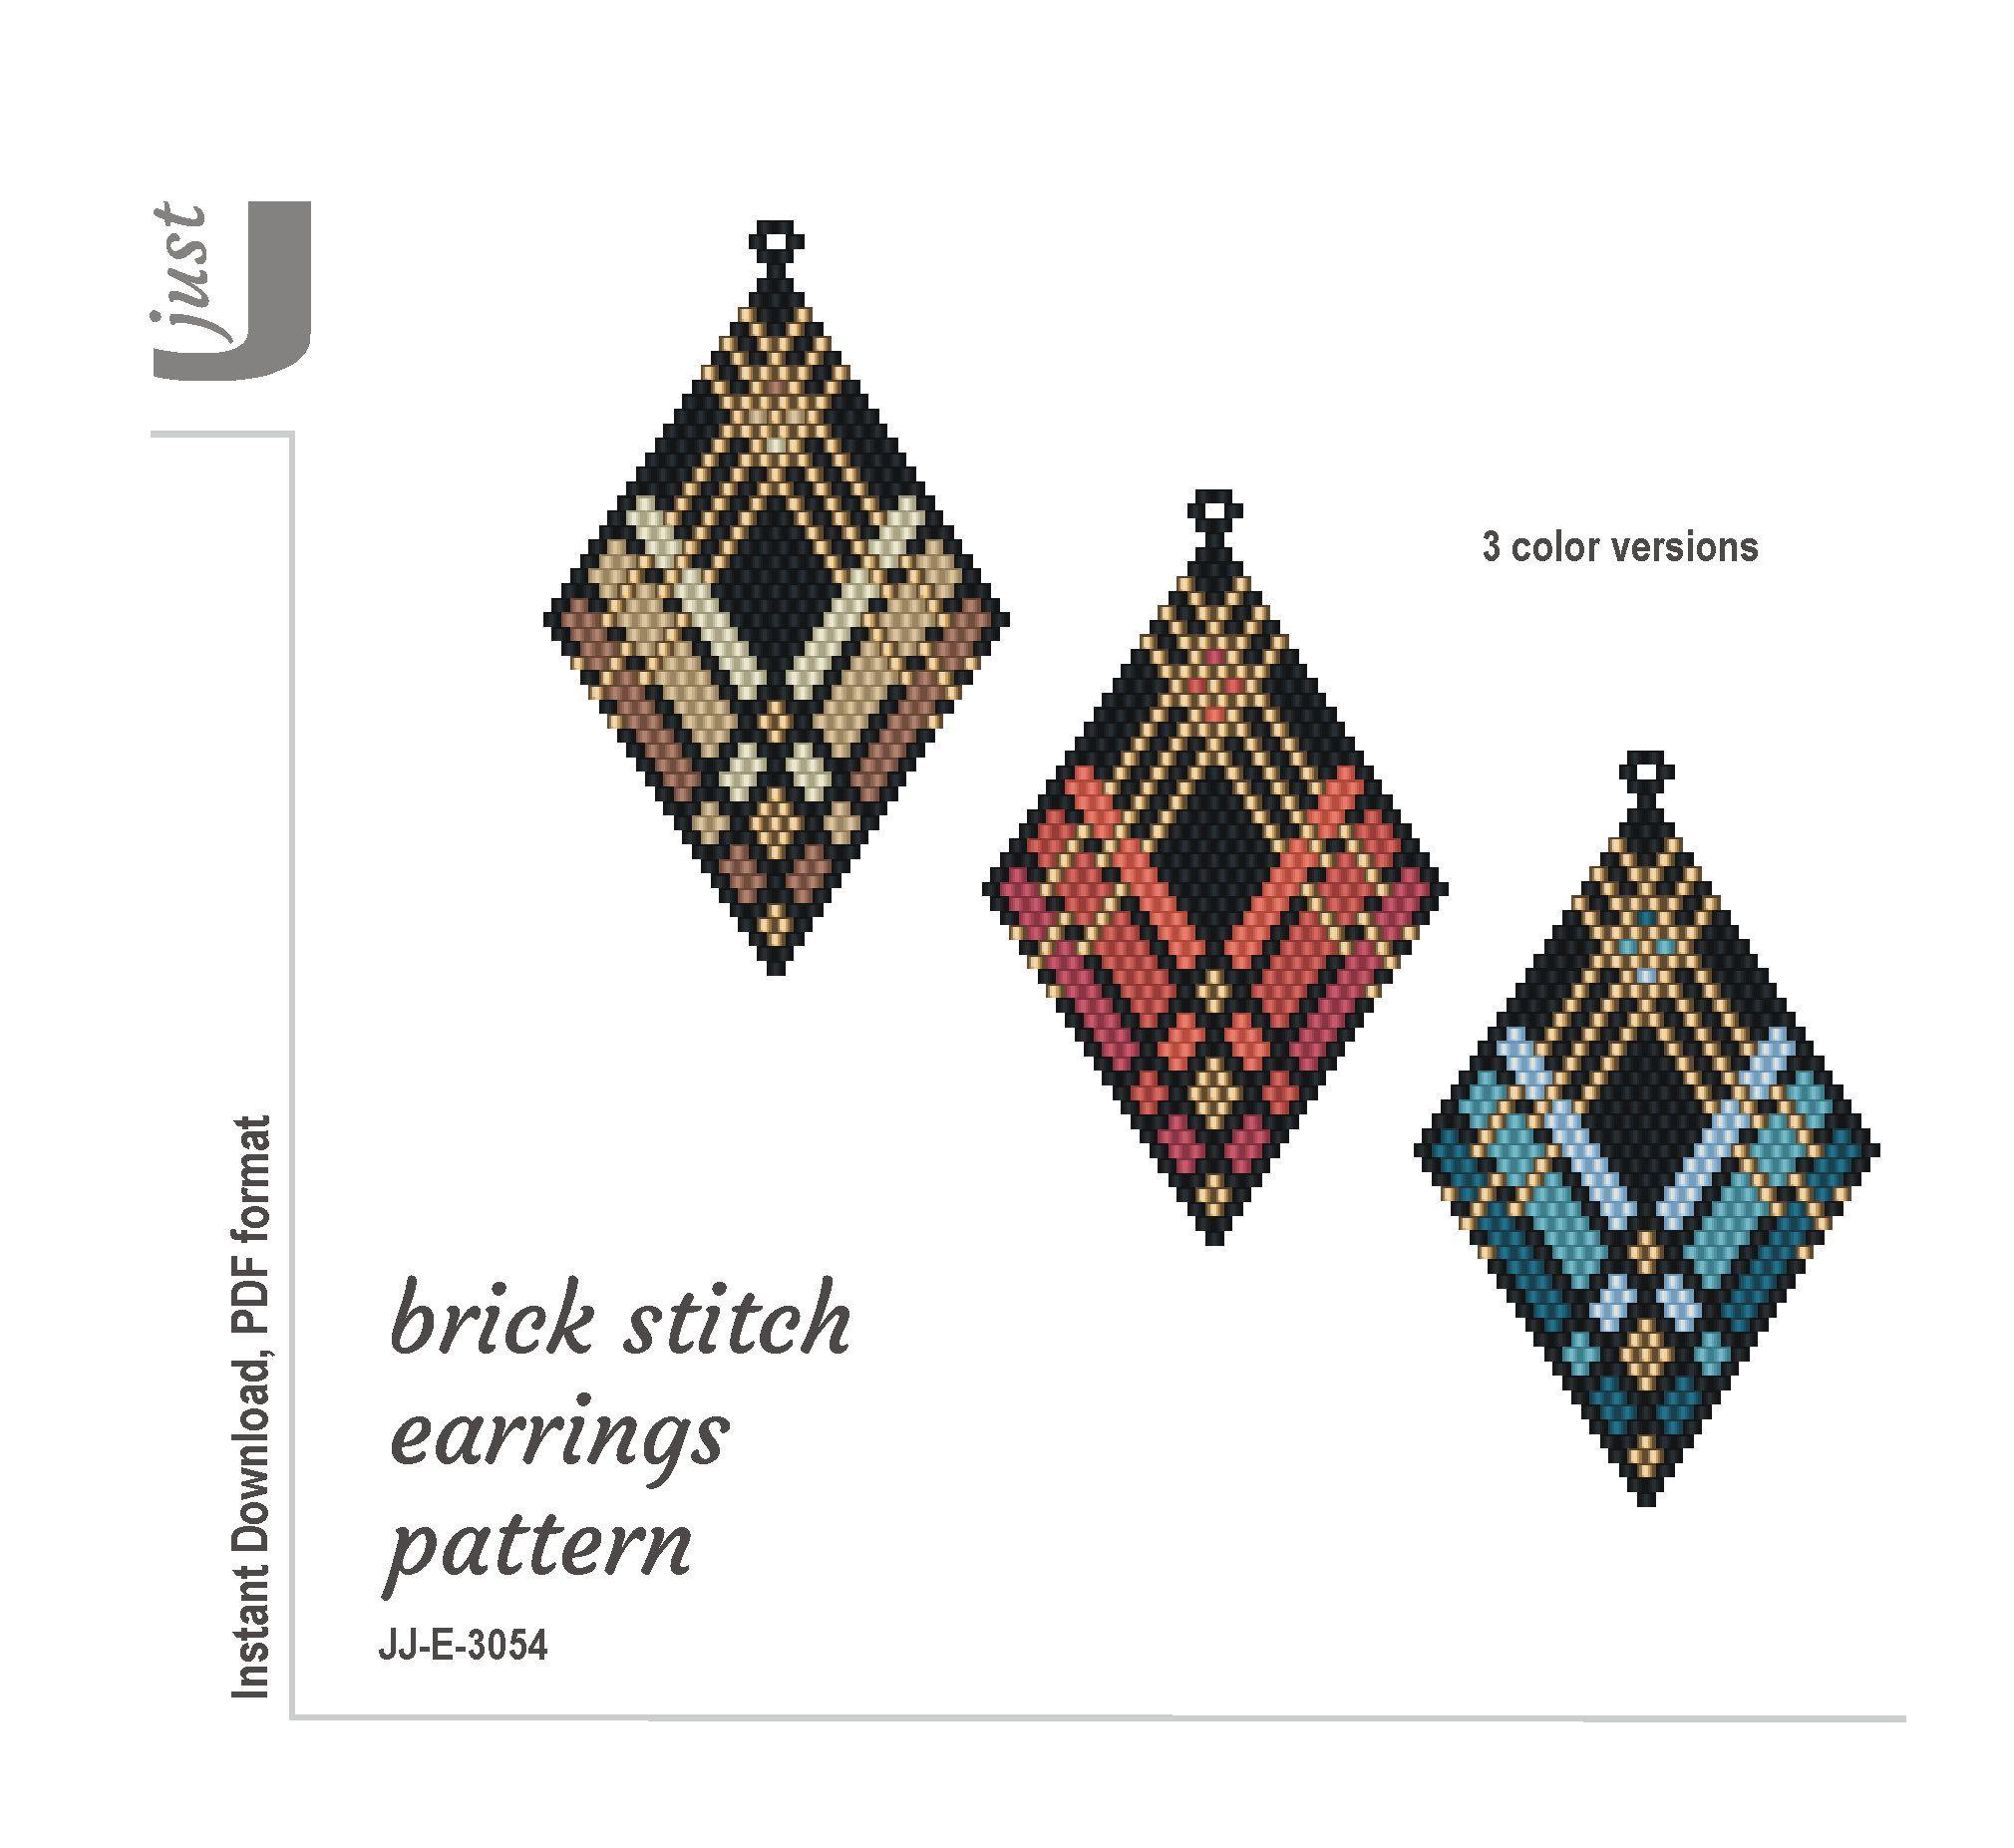 Beaded Earring Pattern Brick Stitch Earrings Beading Pattern